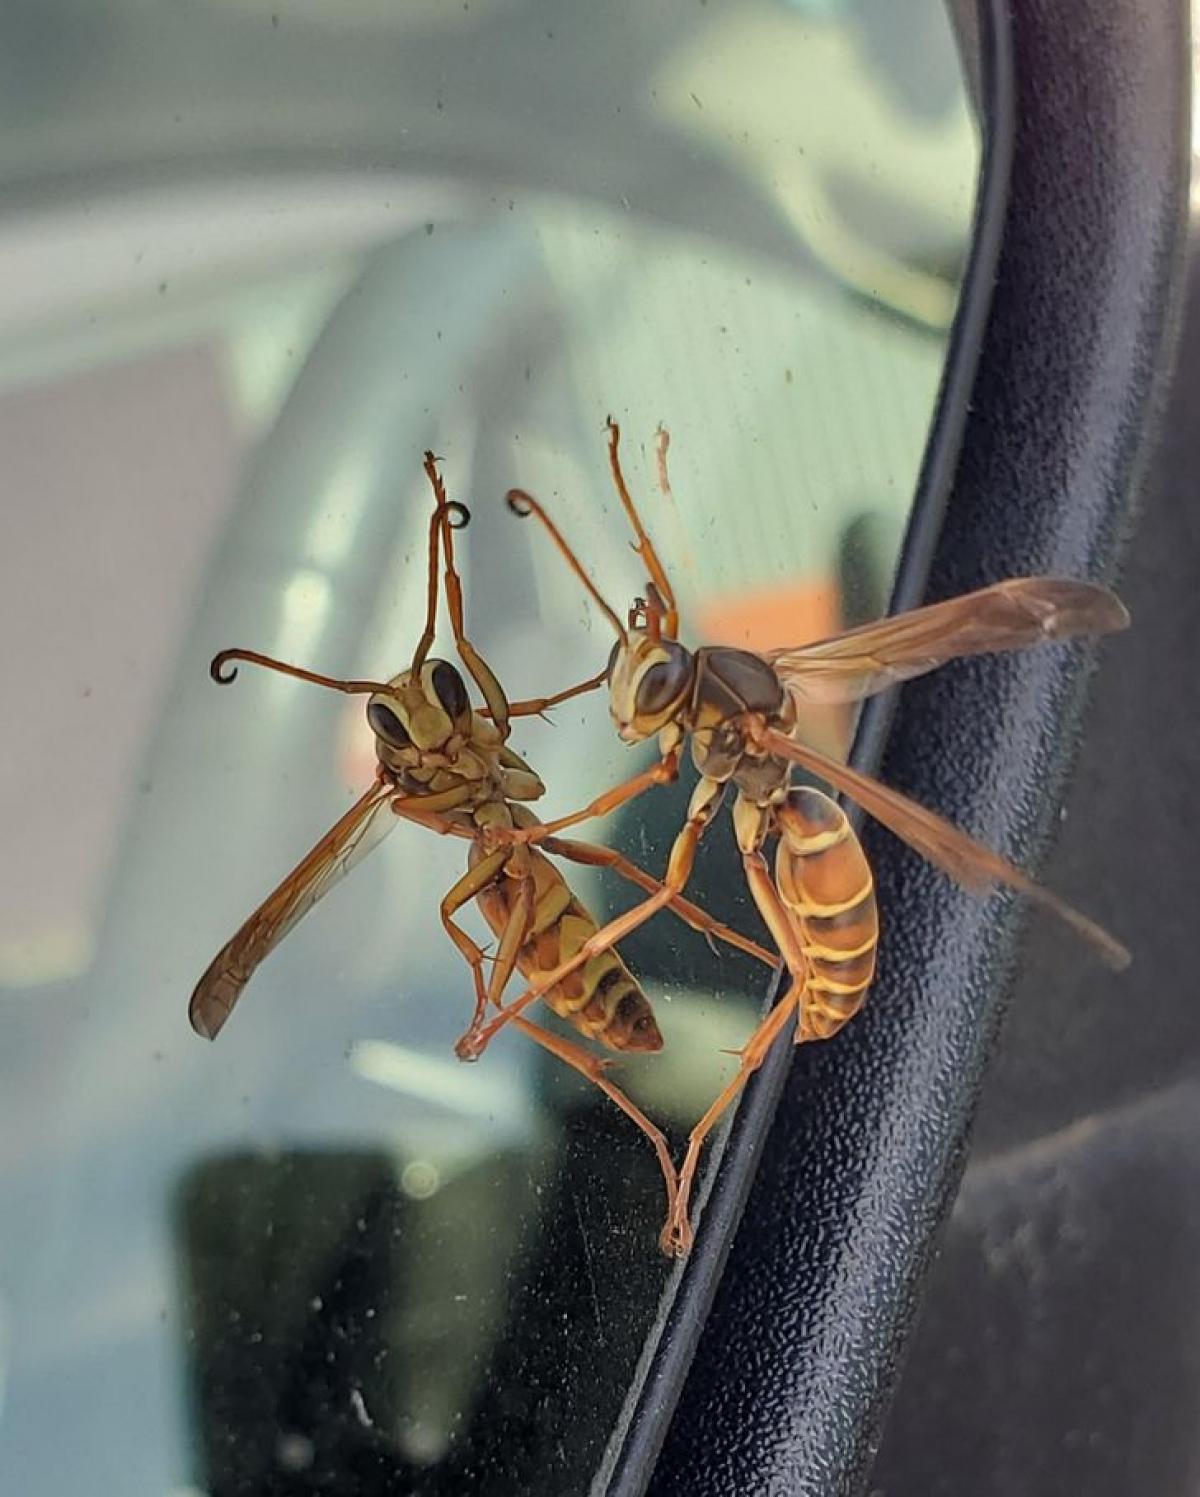 Hai chú chuồn chuồn như đang khiêu vũ trên kính lái ô tô.